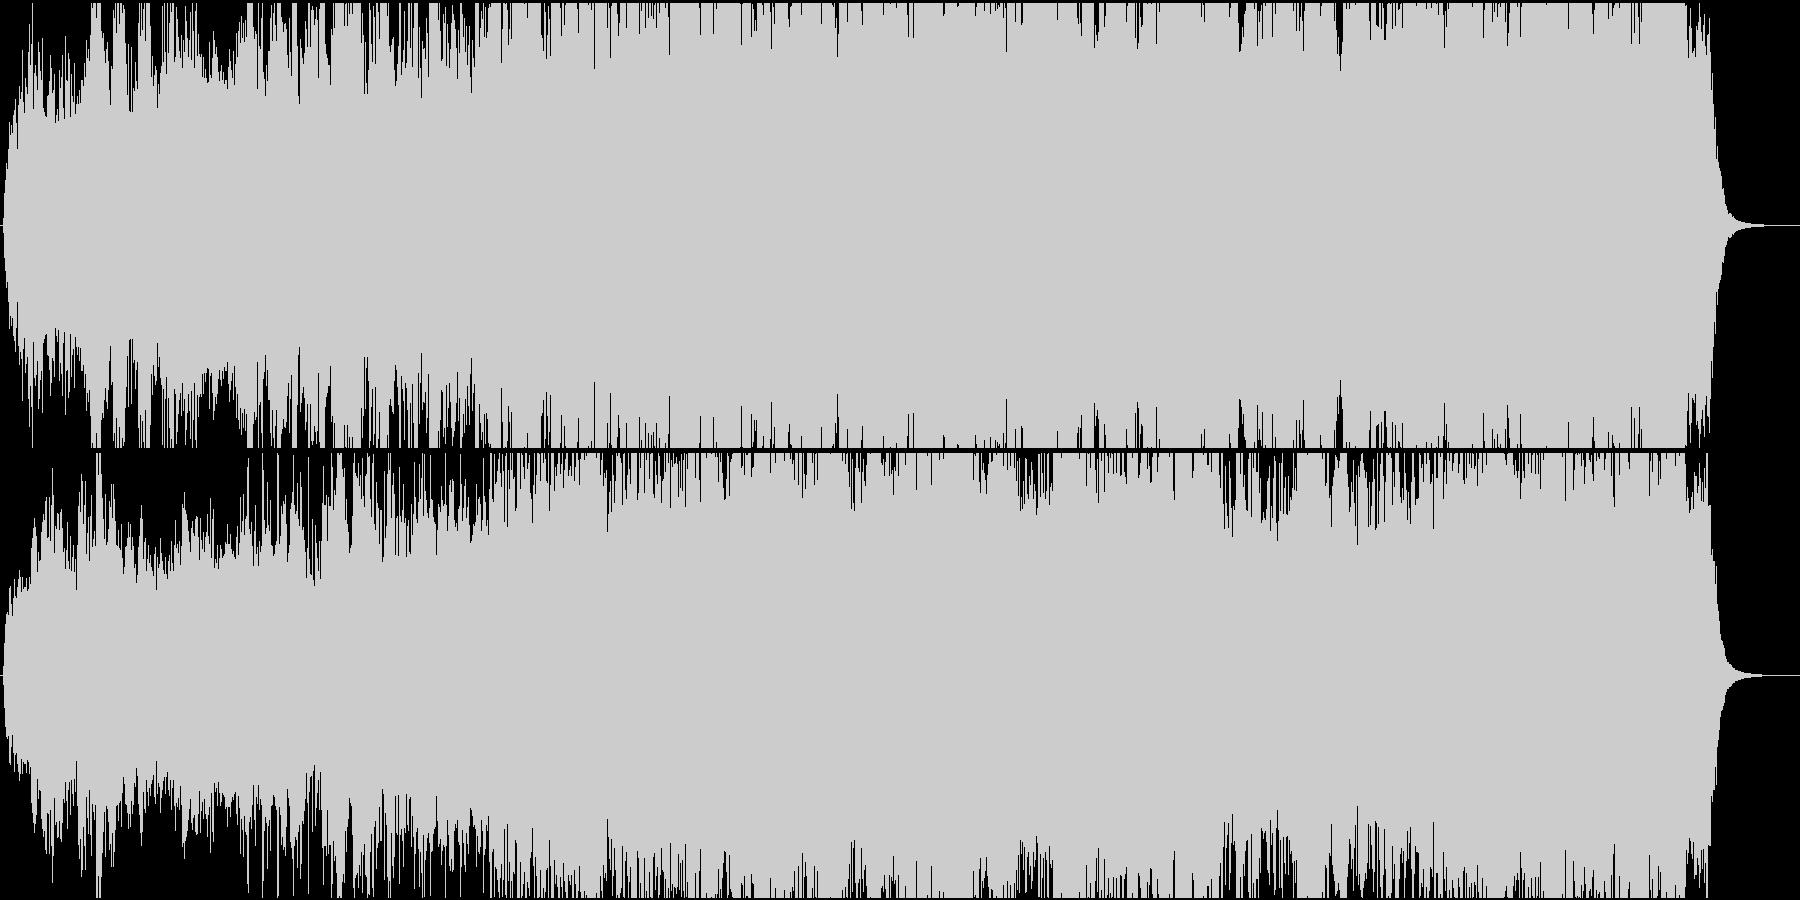 ドキュメンタリーなどの映像に(WAV)の未再生の波形